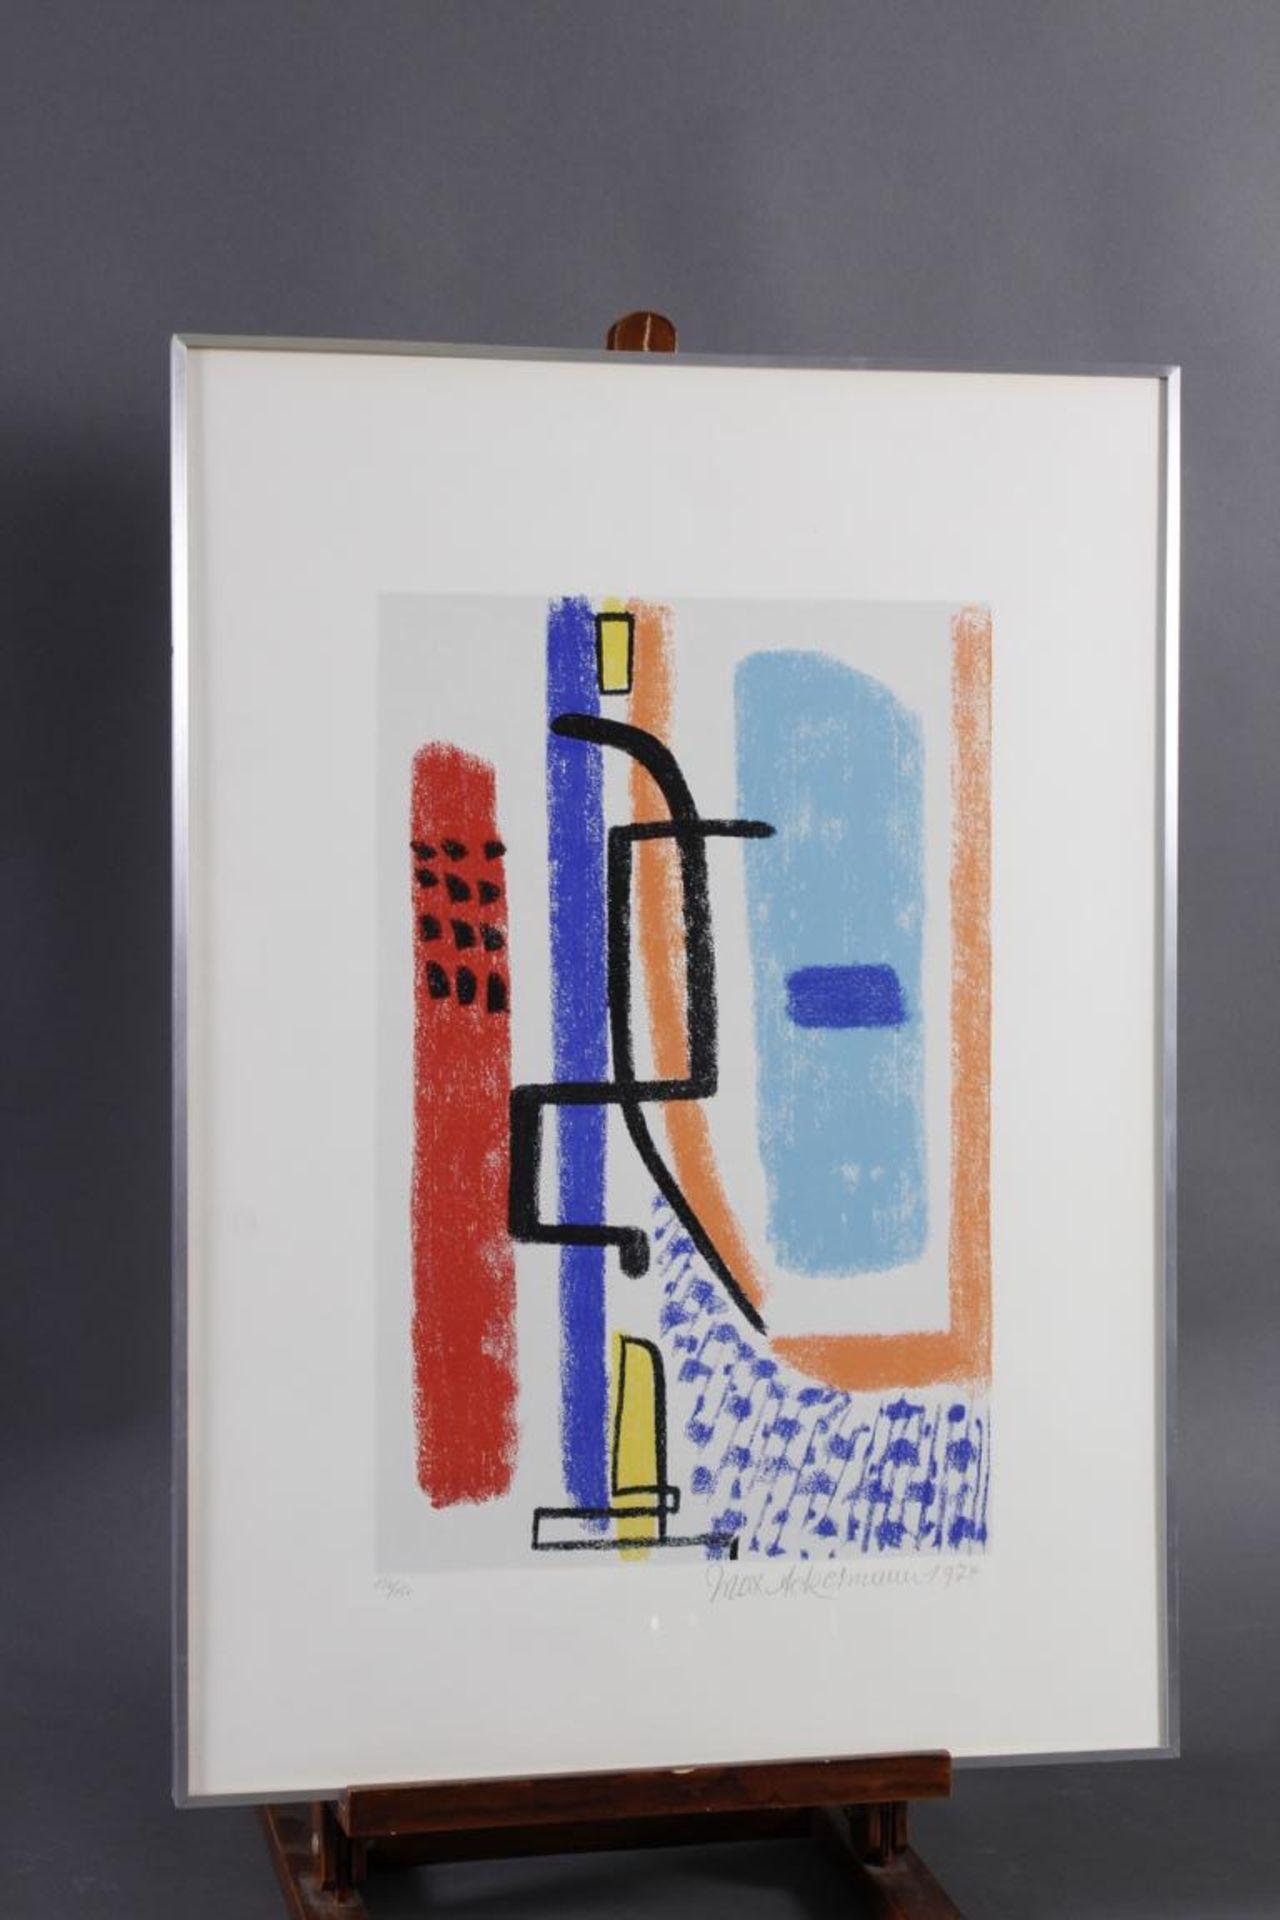 Max AckermannFarbserigraphie, Blatt 136/150, unten rechts mit Bleistift signiert und datiert 1974,